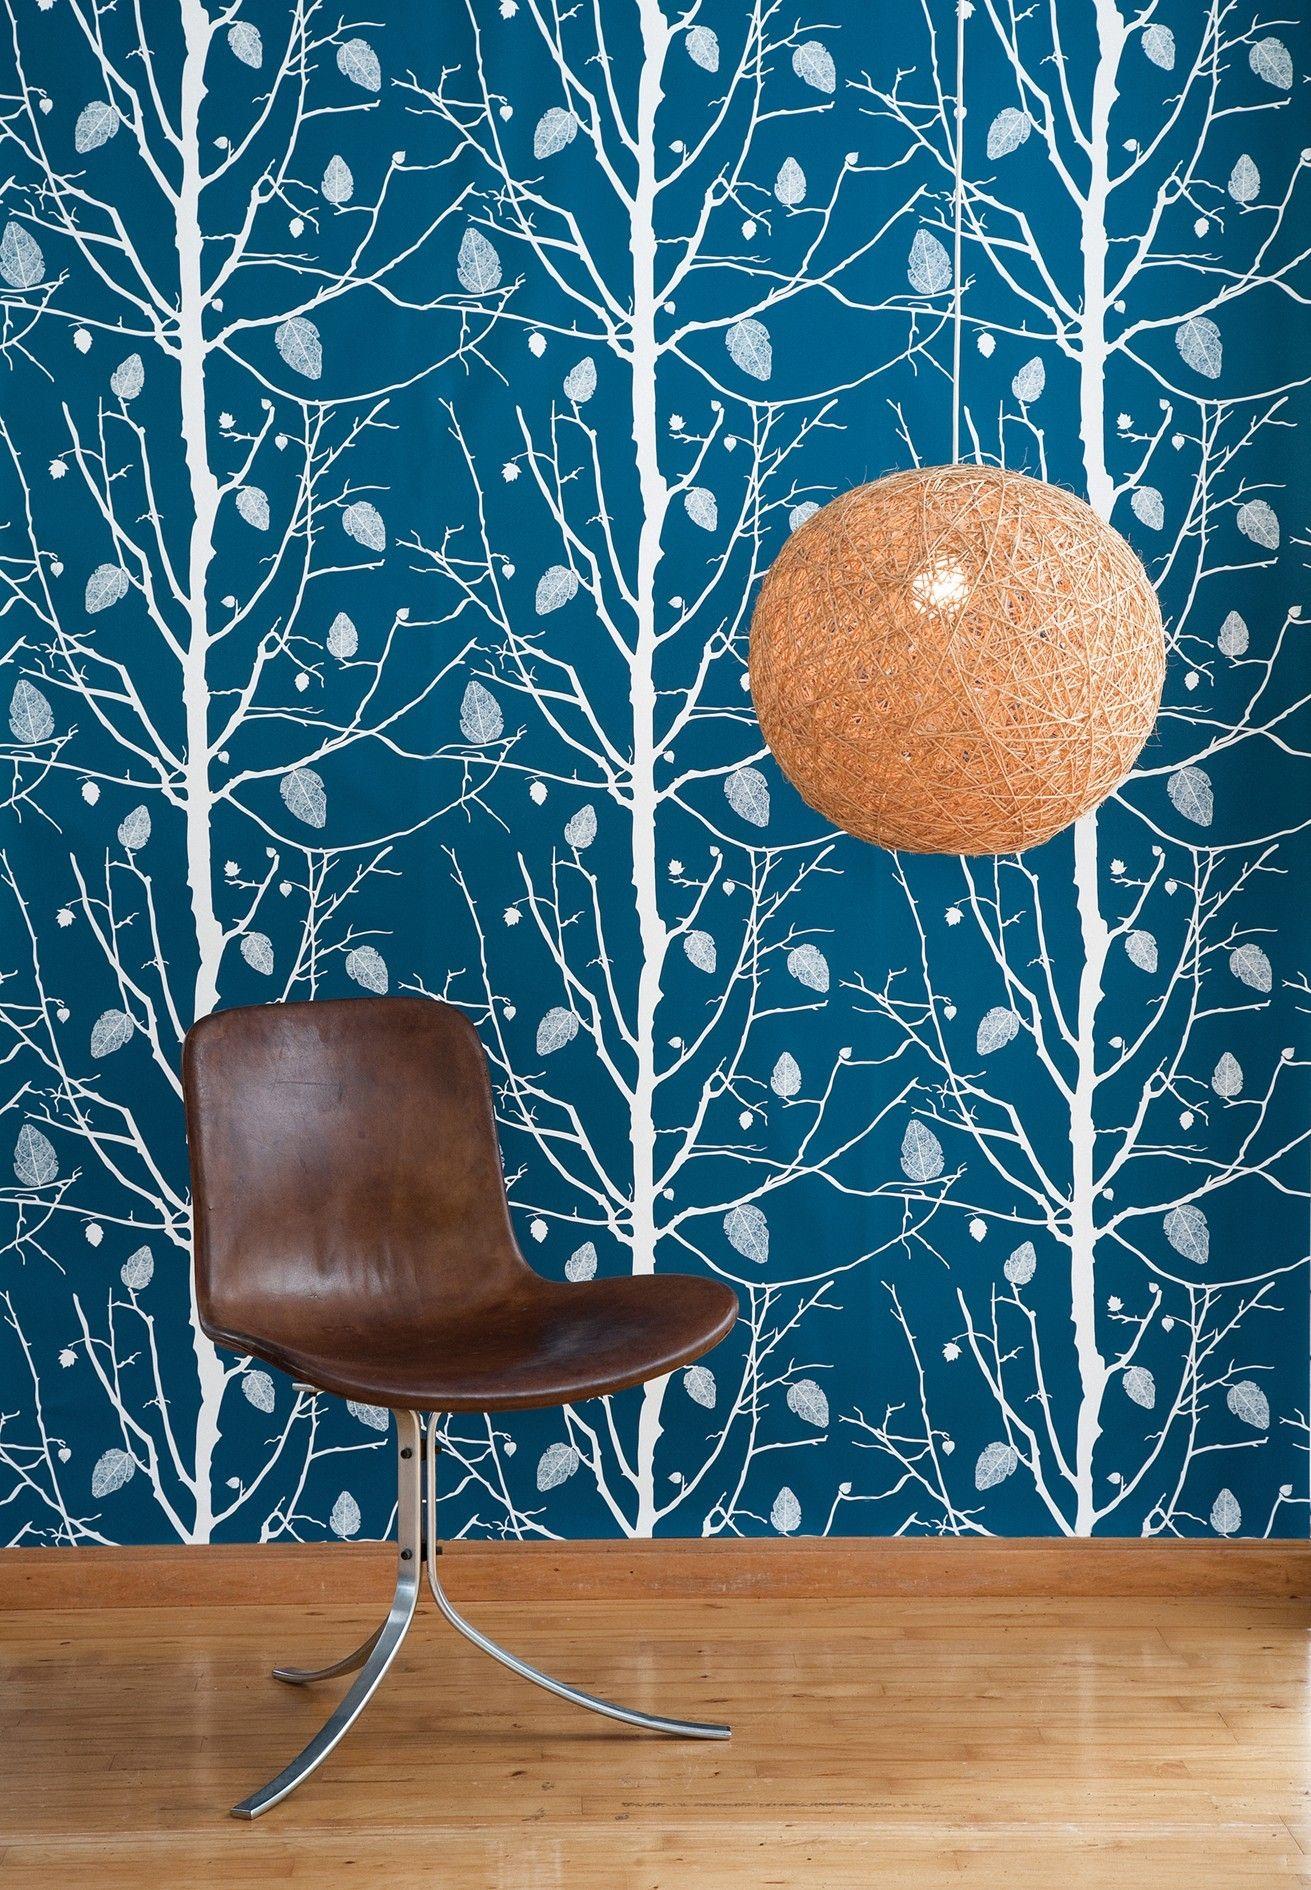 Family tree wallpaper 1 panel petrol white by ferm living - Family tree desktop wallpaper ...